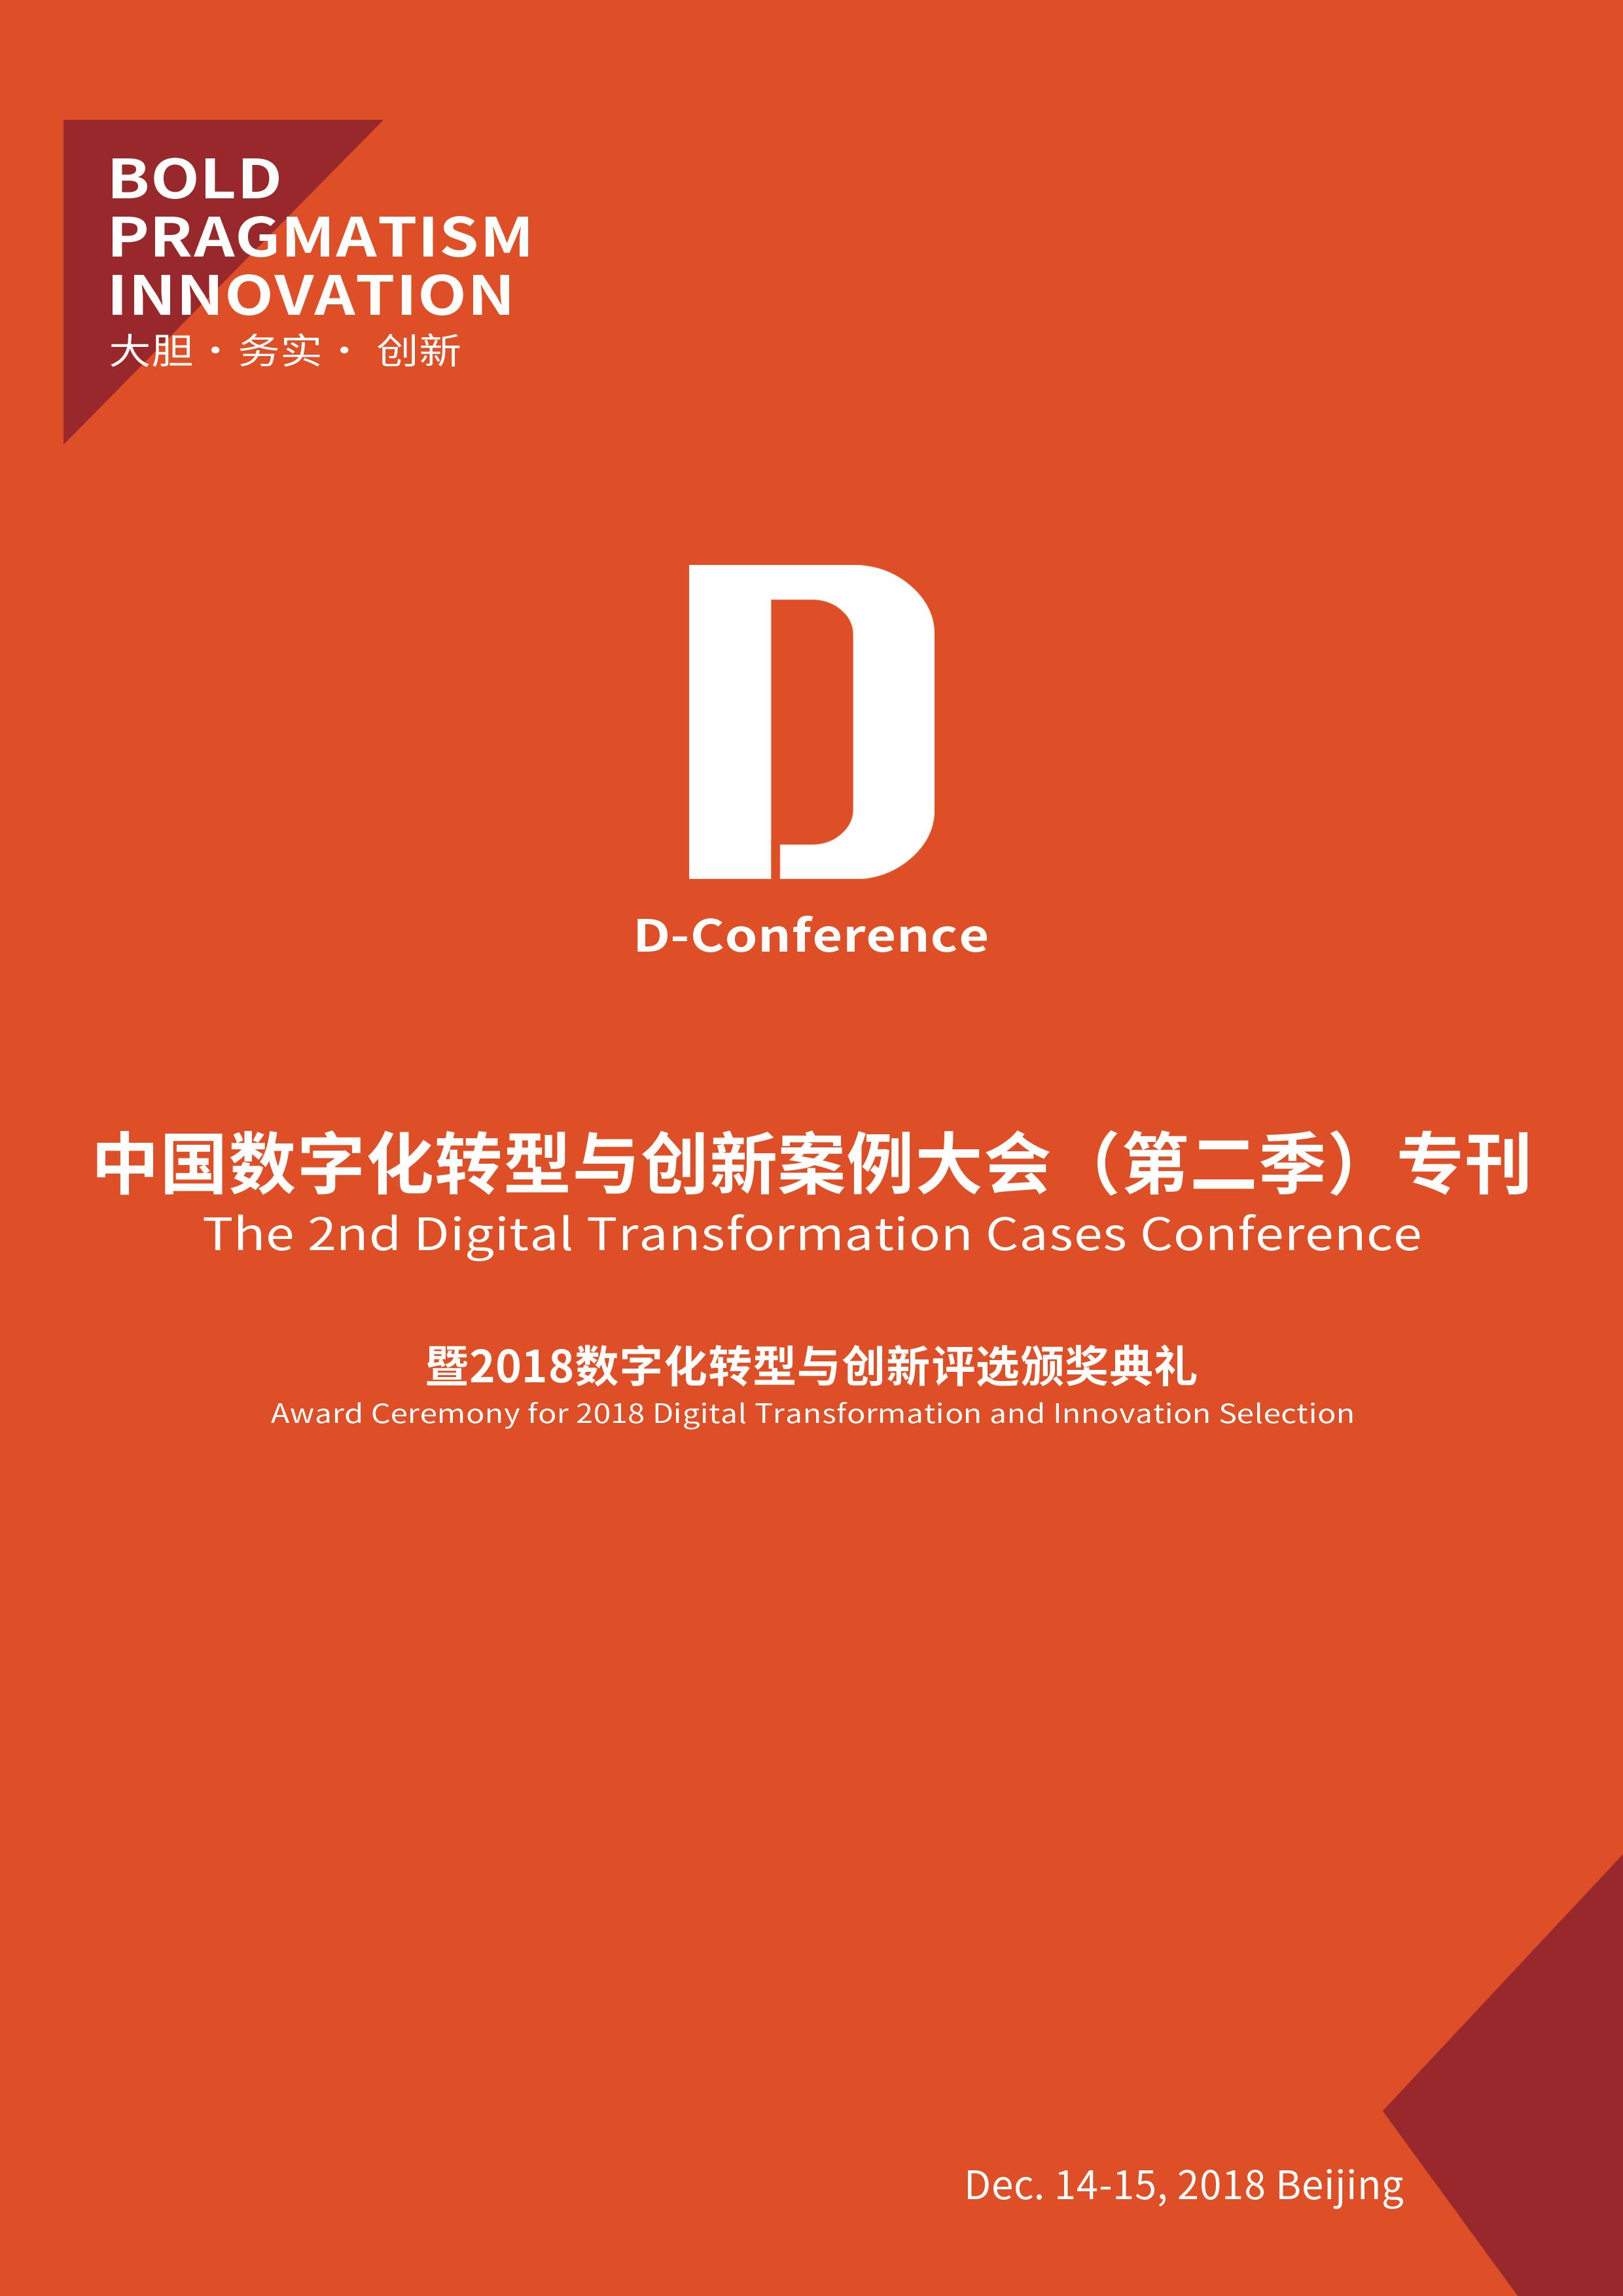 2018中国数字化转型与创新案例大会(第二季)